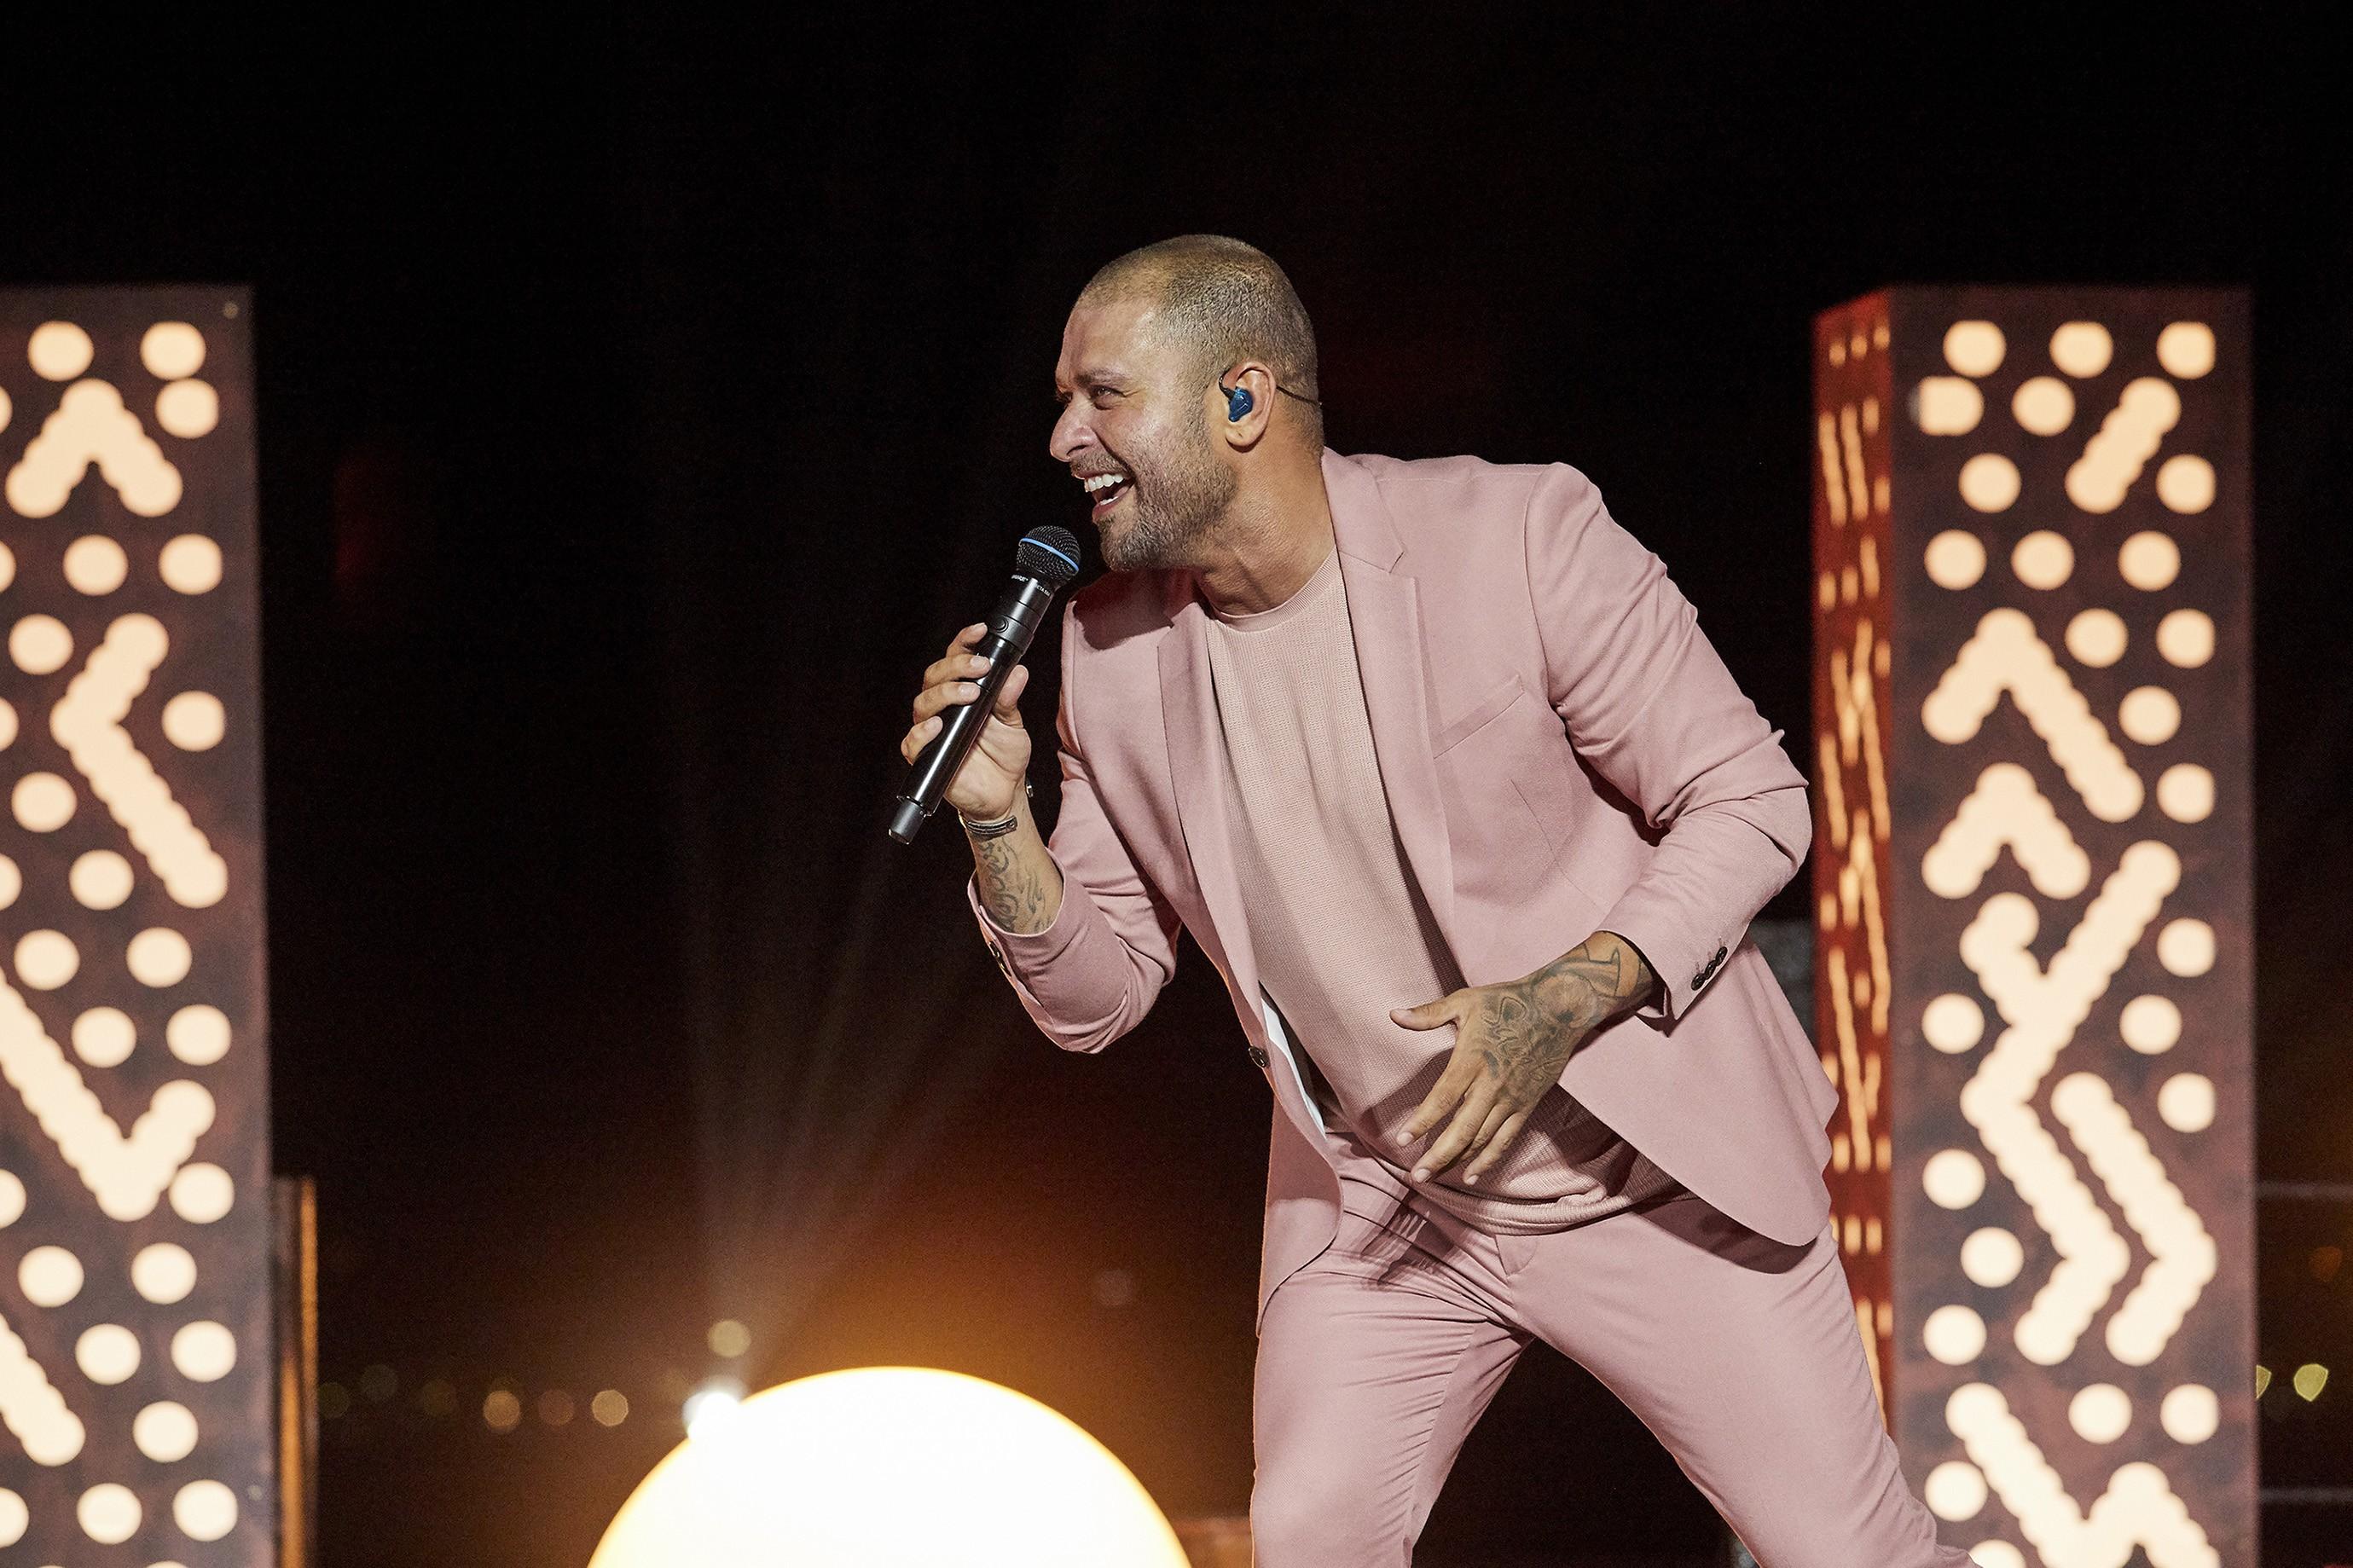 Diogo Nogueira abre parceria com Moacyr Luz entre as músicas inéditas do álbum 'Lua'